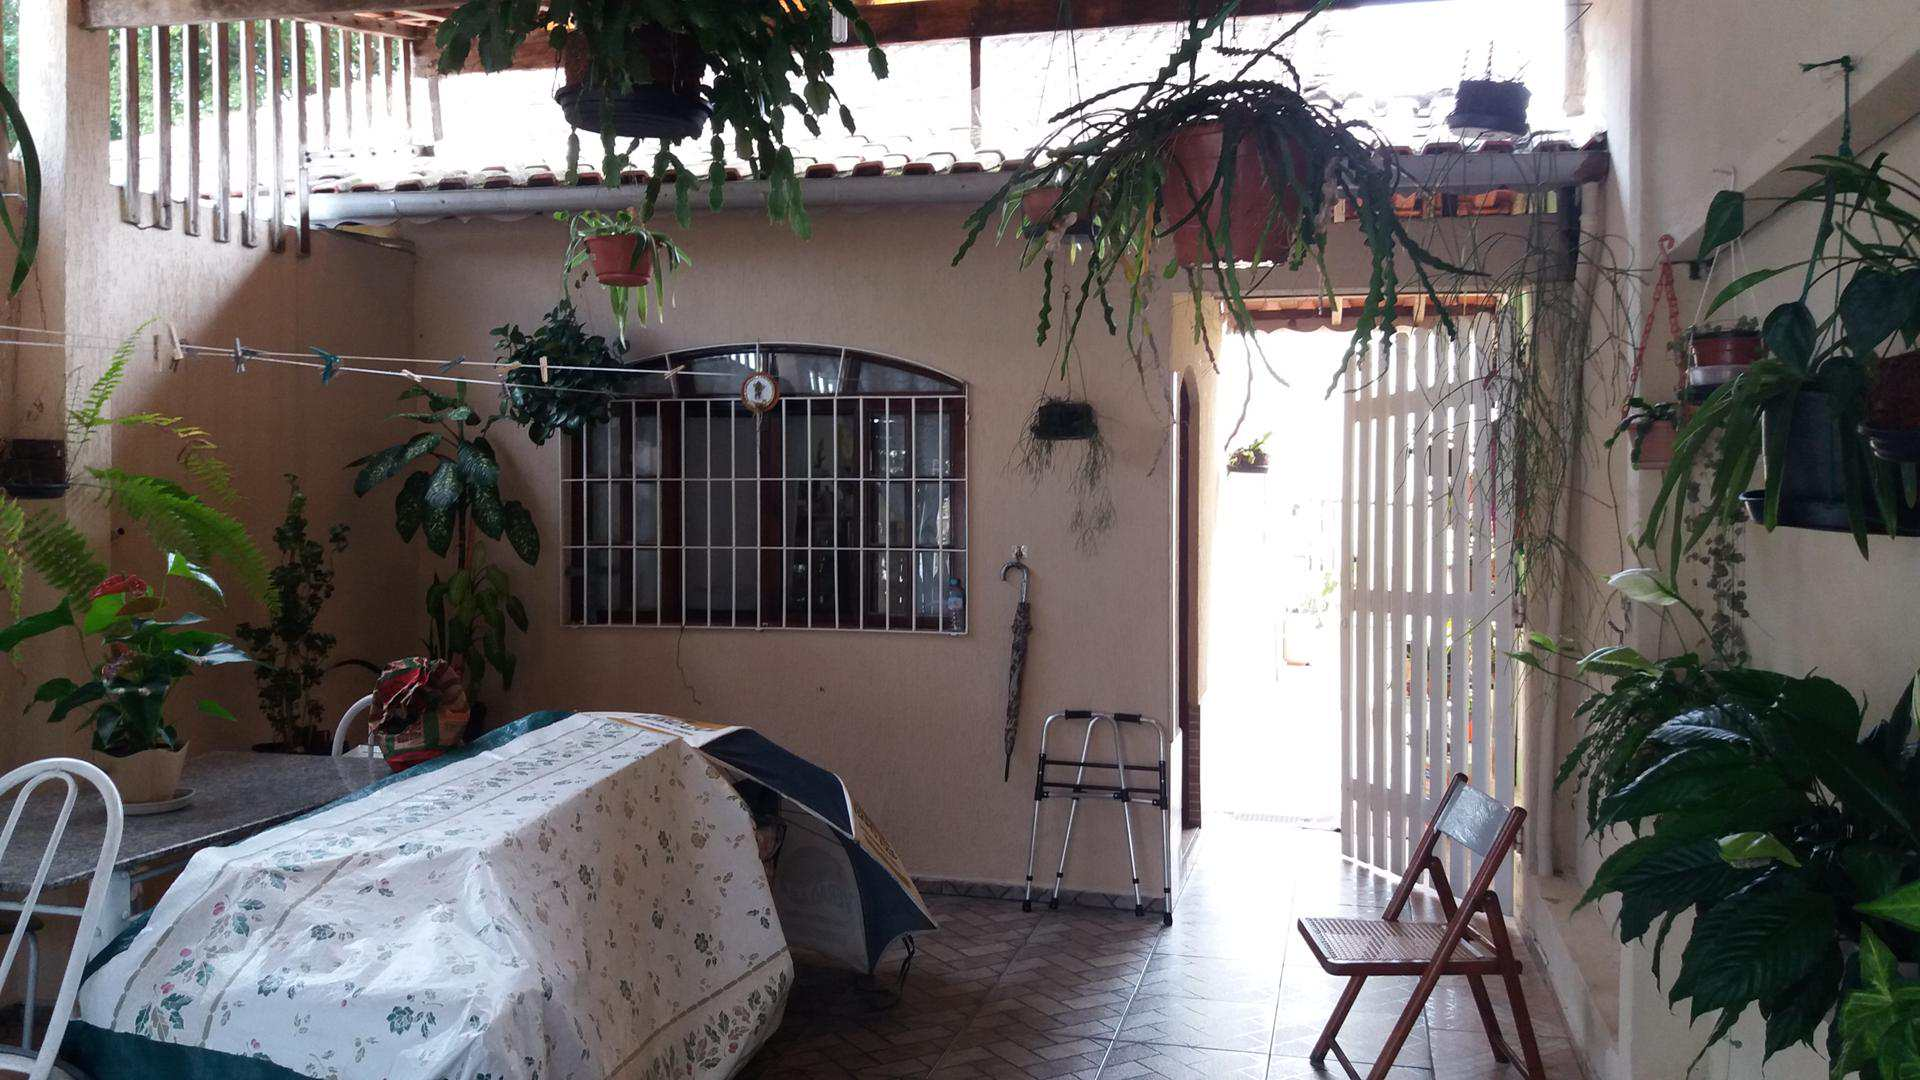 Sobrado com 2 dorms, Vila Nossa Senhora Fátima, Mongaguá - R$ 220 mil, Cod: 286716